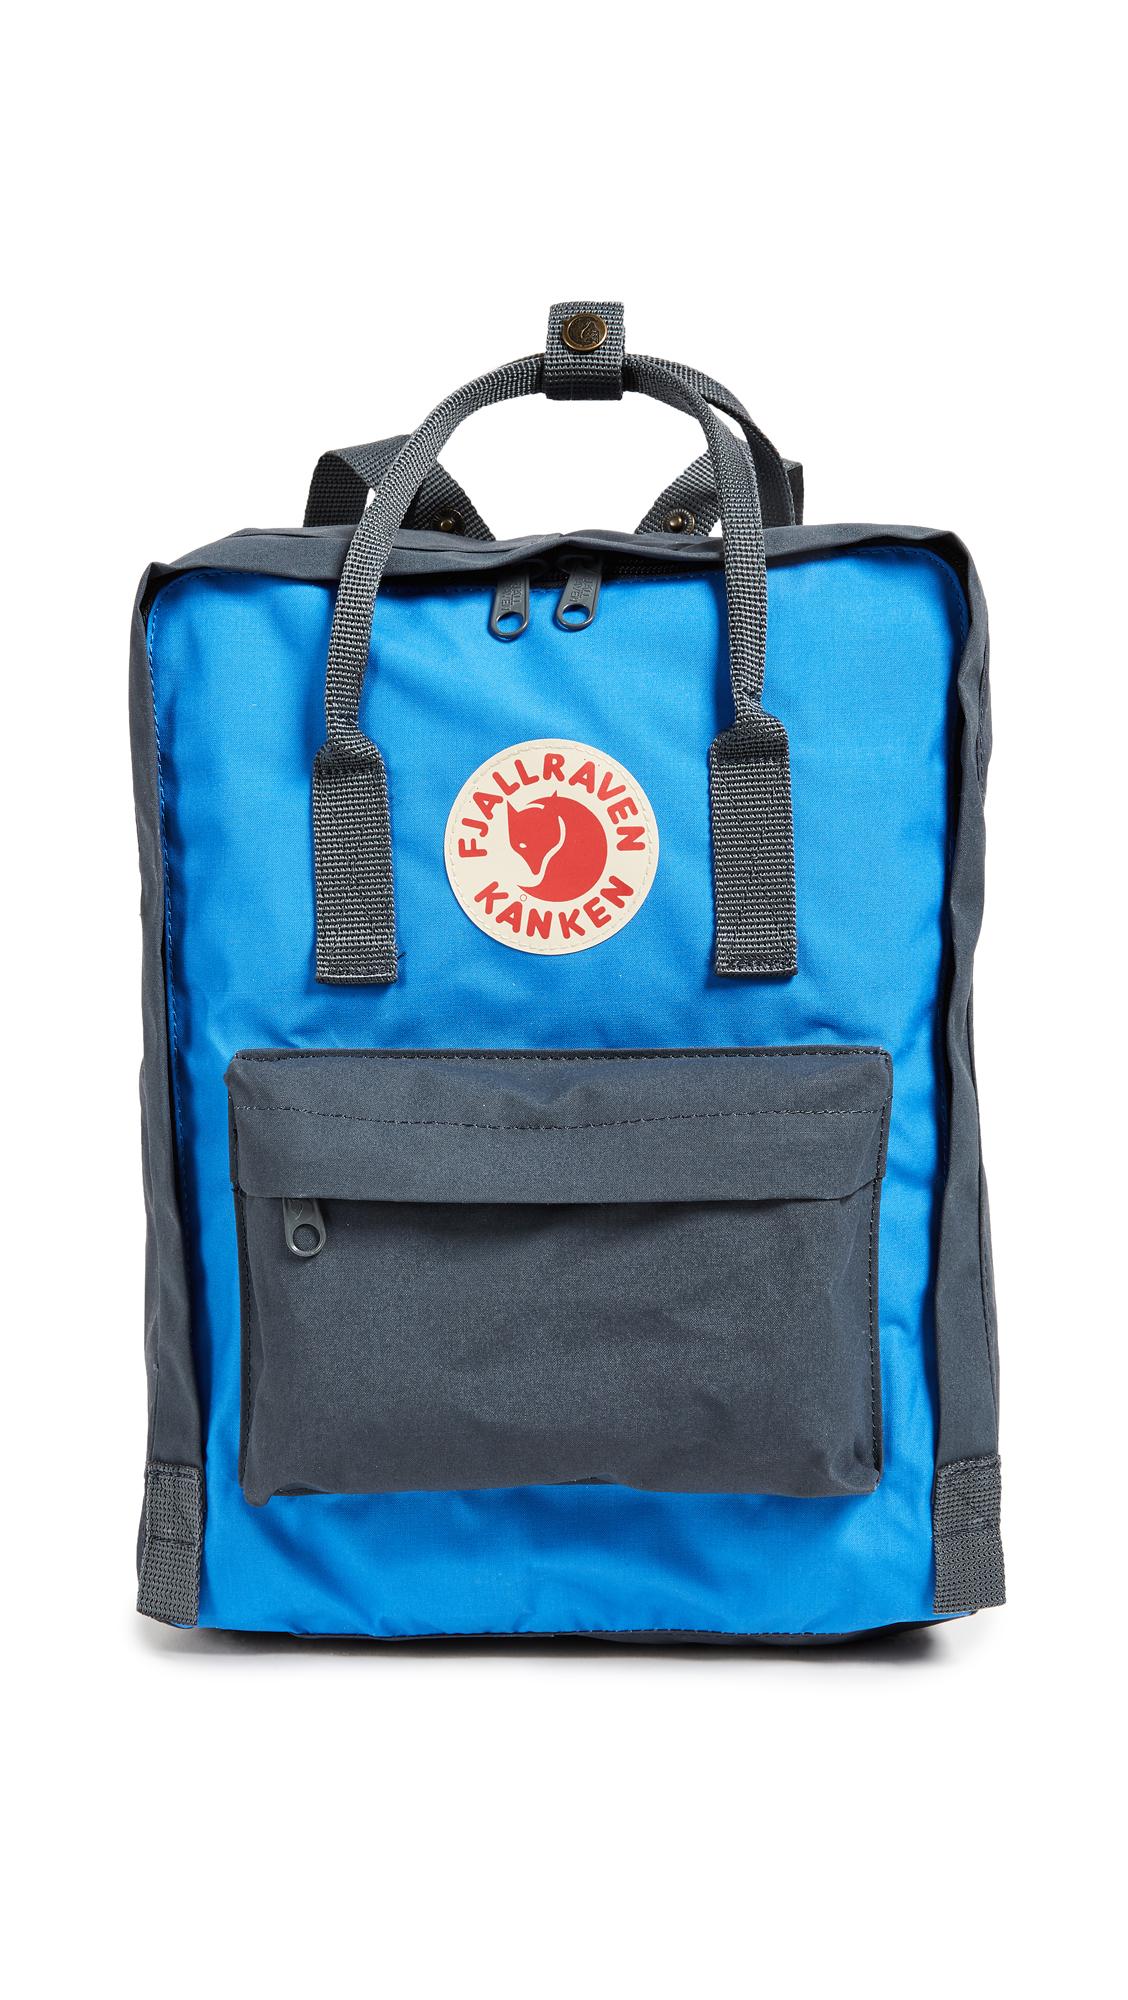 Fjallraven Kanken Backpack - Graphite/Un Blue